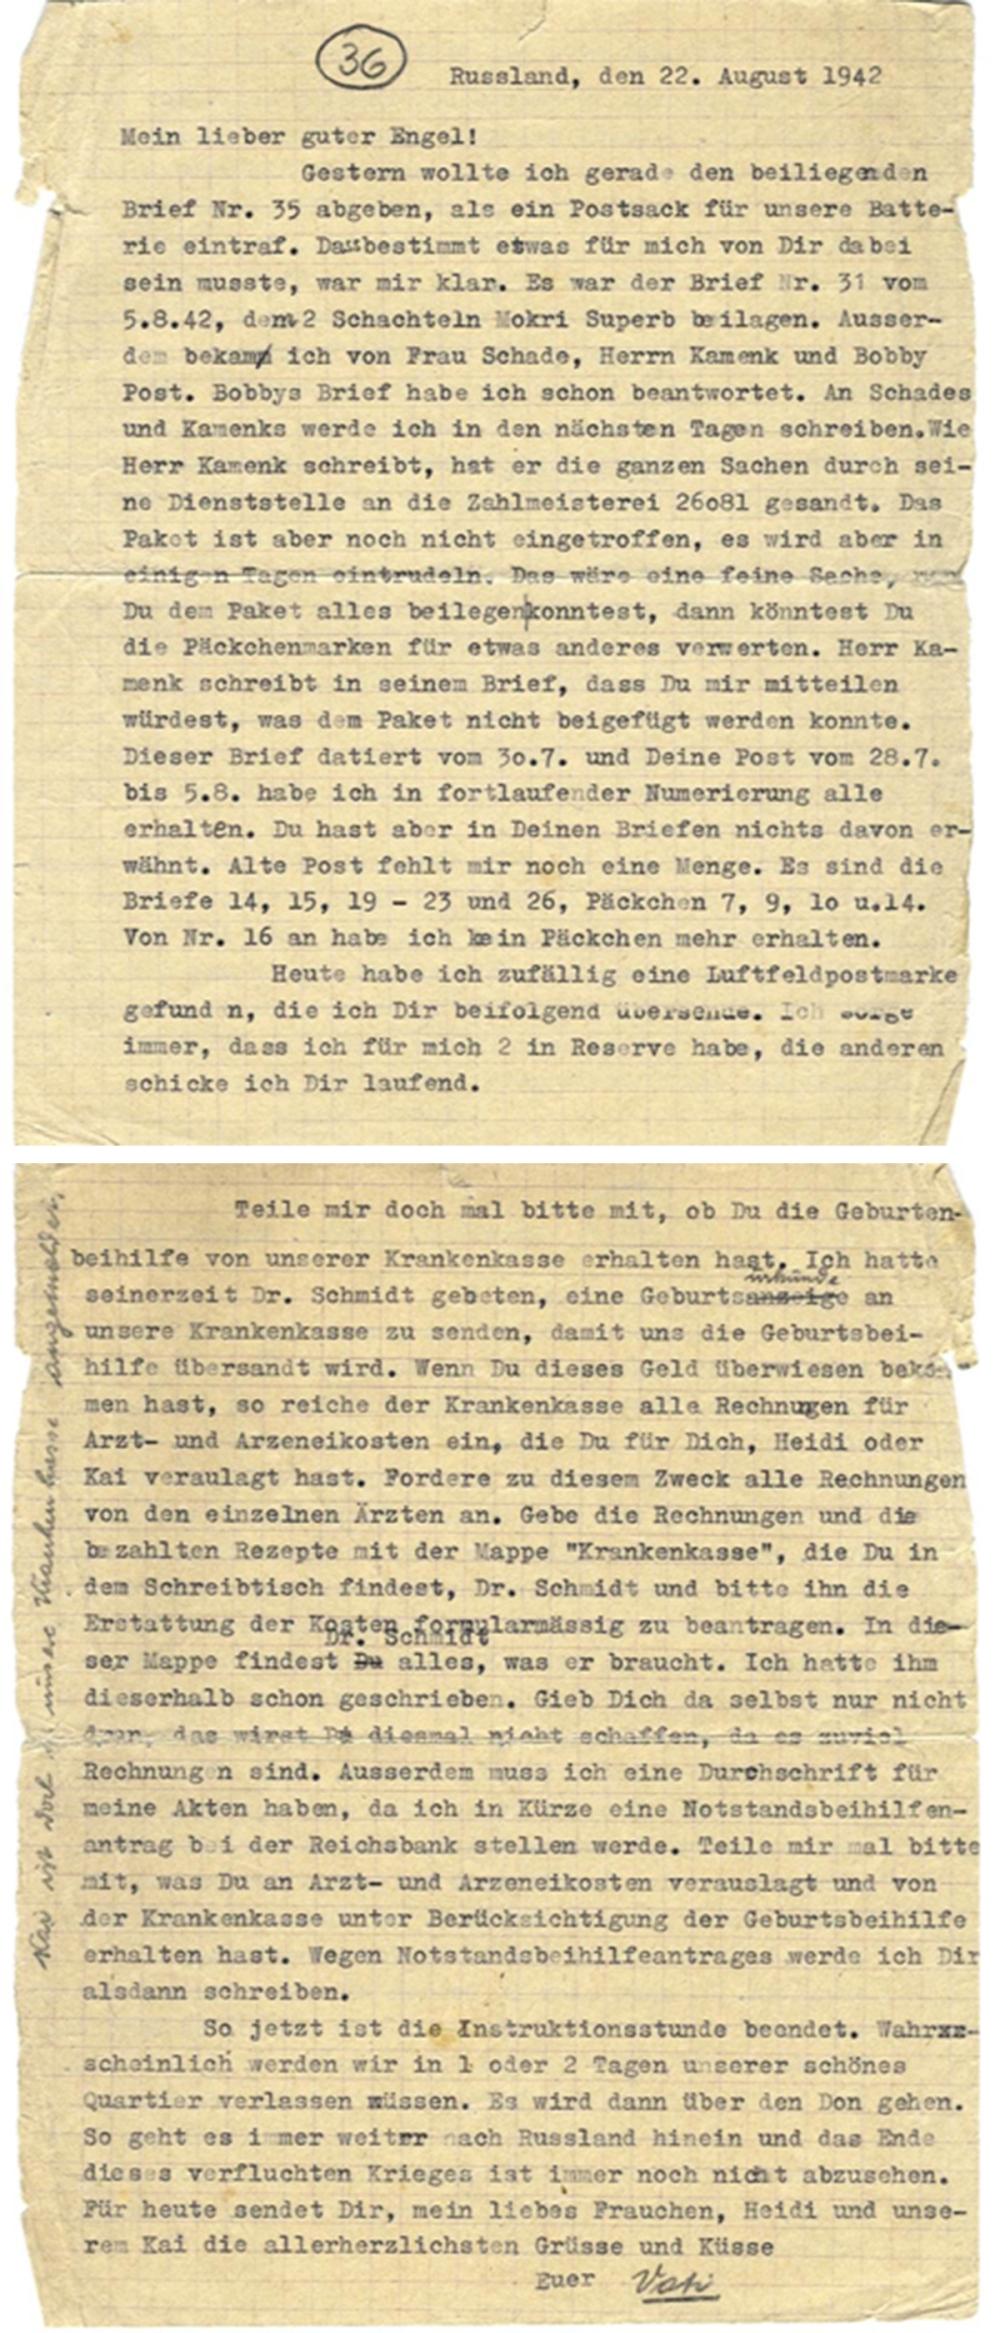 Brief36-Original-gesamt_Starless-in-Stalingrad-Dokumentarisches-Labor